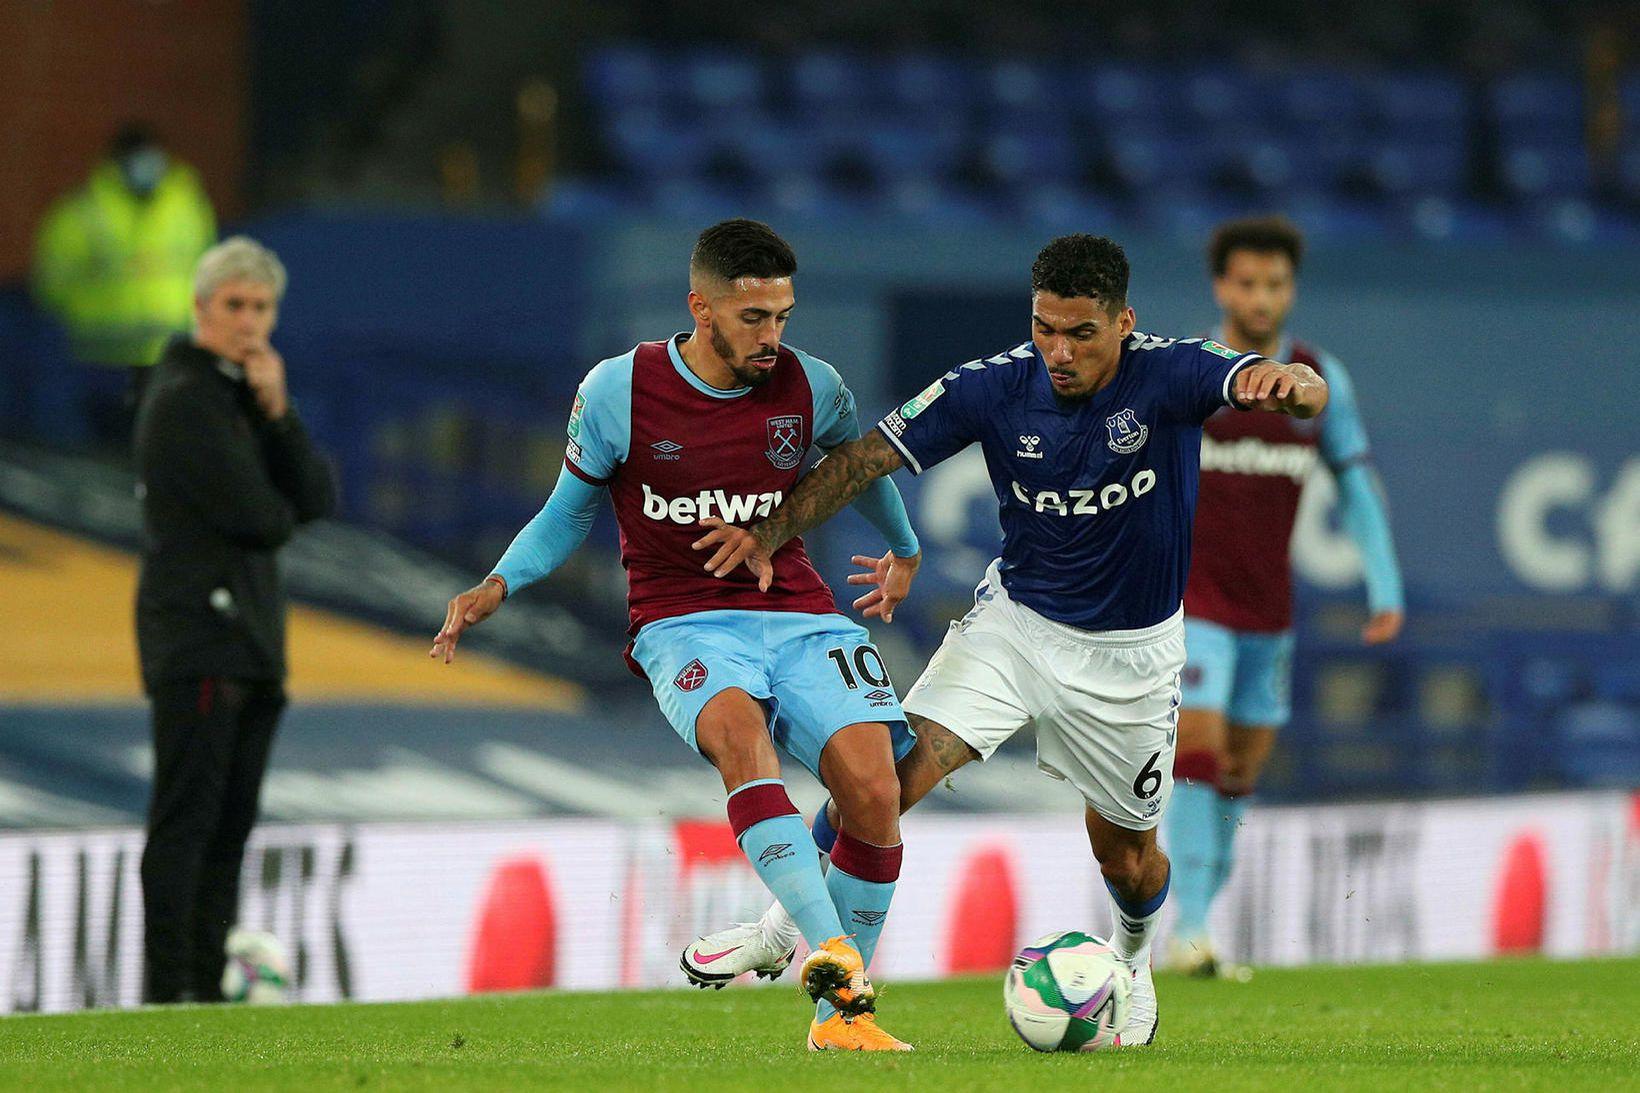 Allan í leiknum gegn West Ham í kvöld.